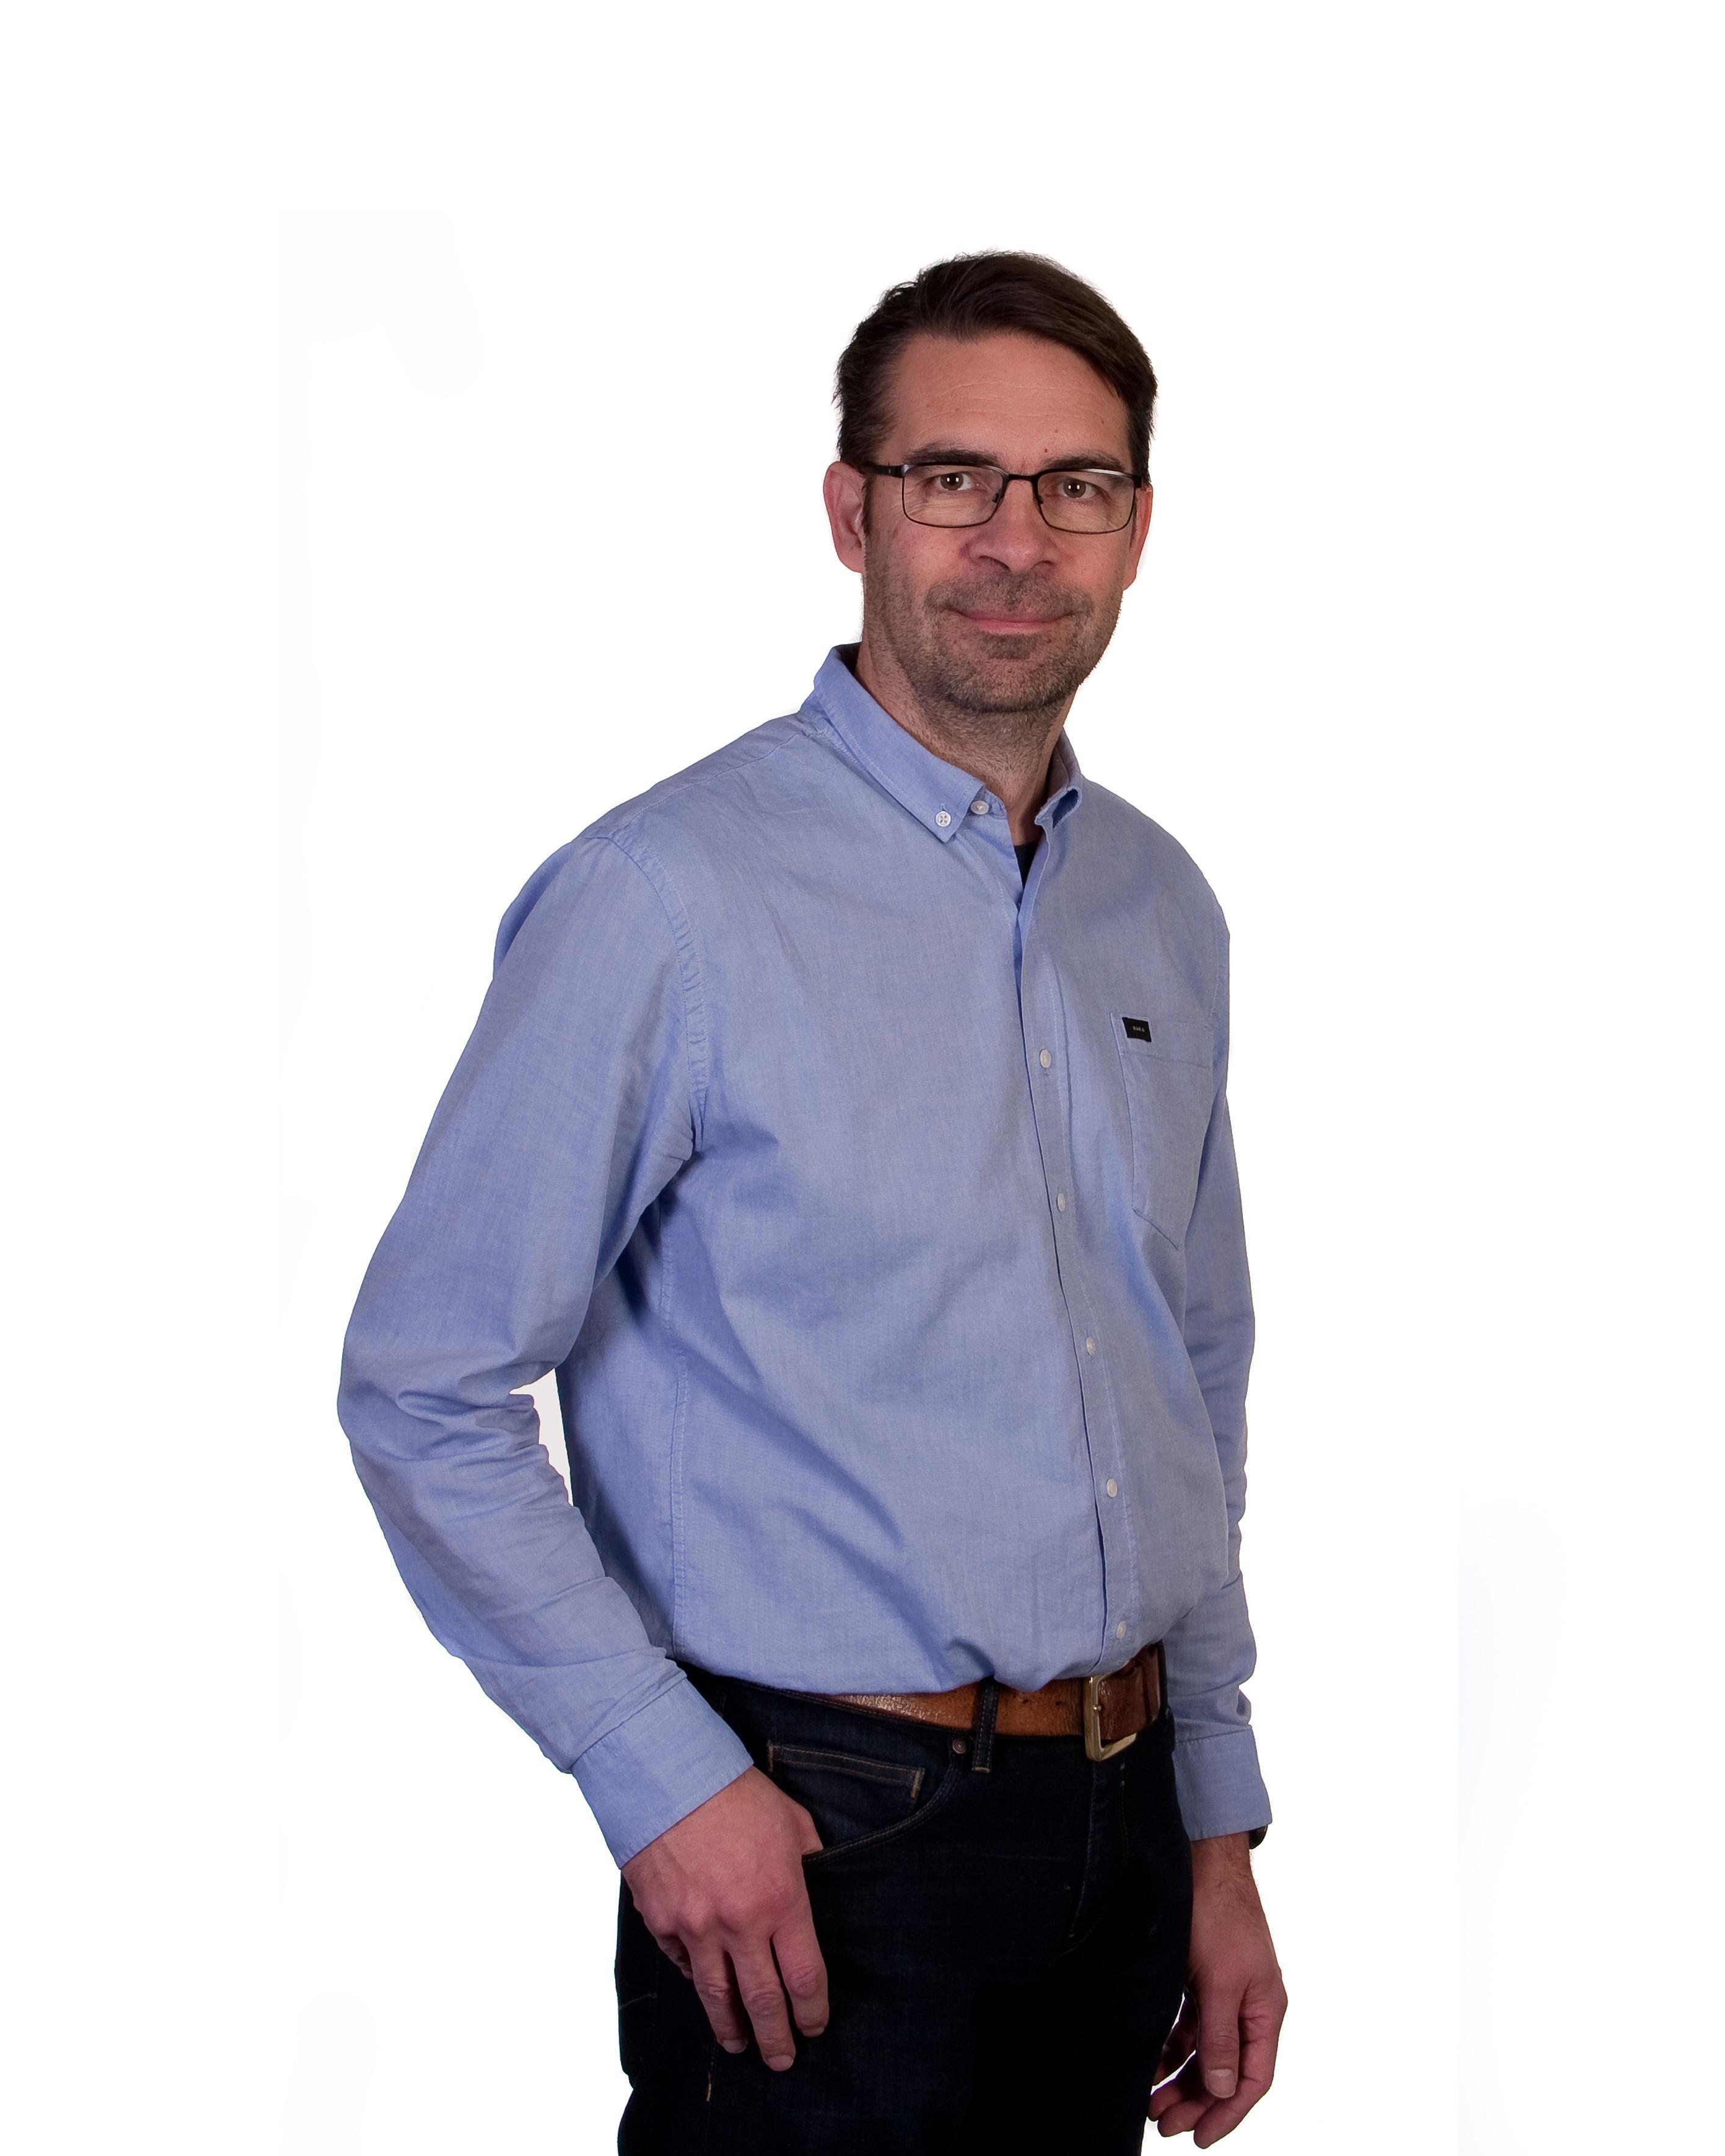 Picture of Antti Nykänen